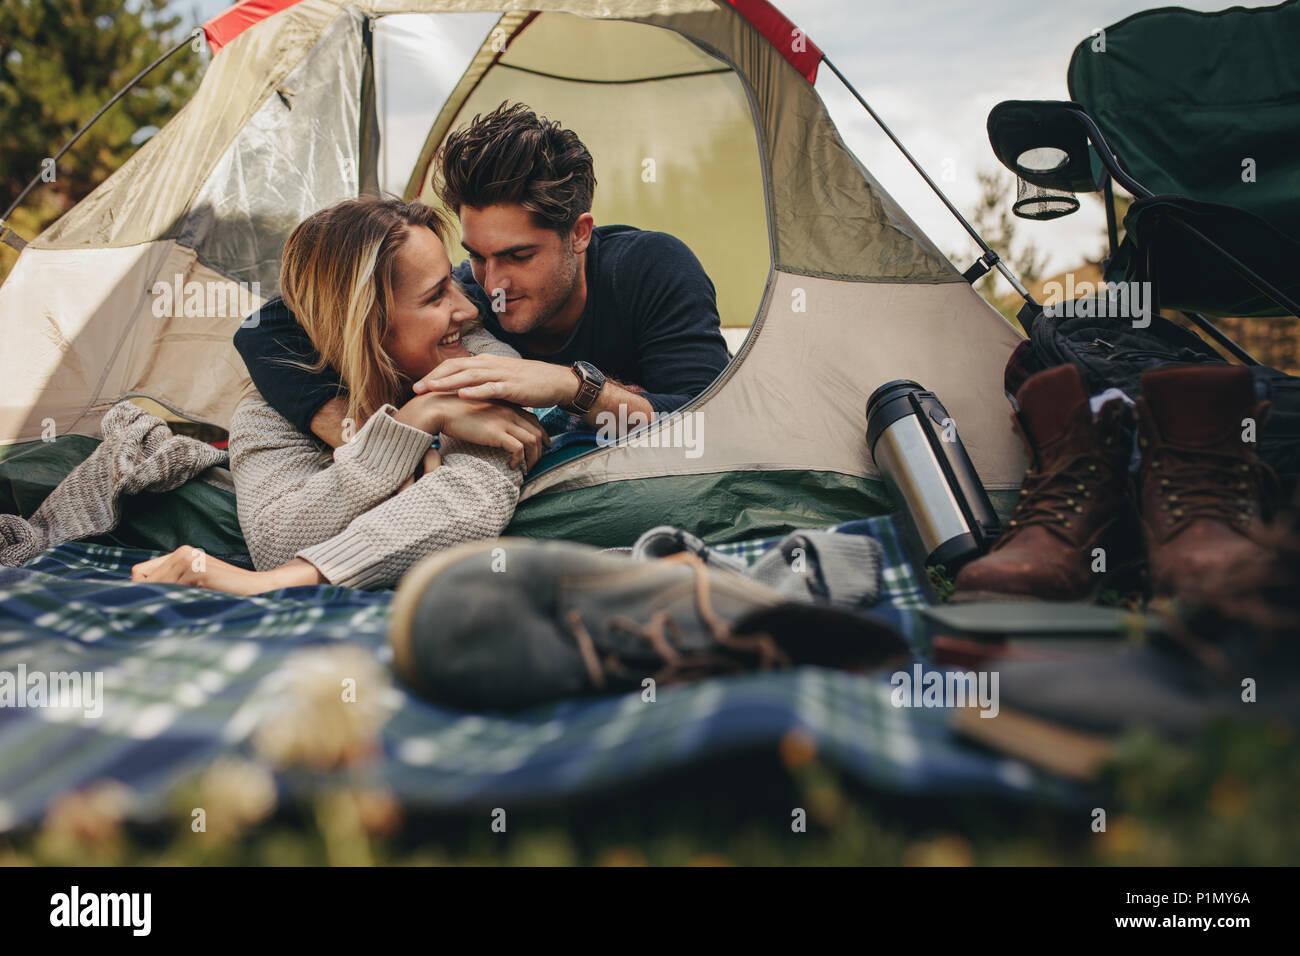 Hermosa pareja joven acostado en una tienda de campaña. Feliz pareja amorosa descansando en la carpa en el camping. Imagen De Stock